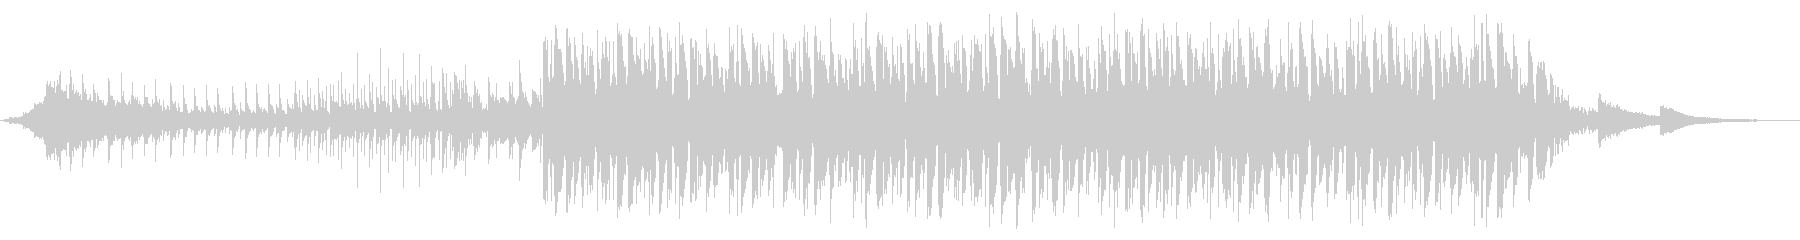 夏 海 ハウス 声ネタ無し60秒版の未再生の波形